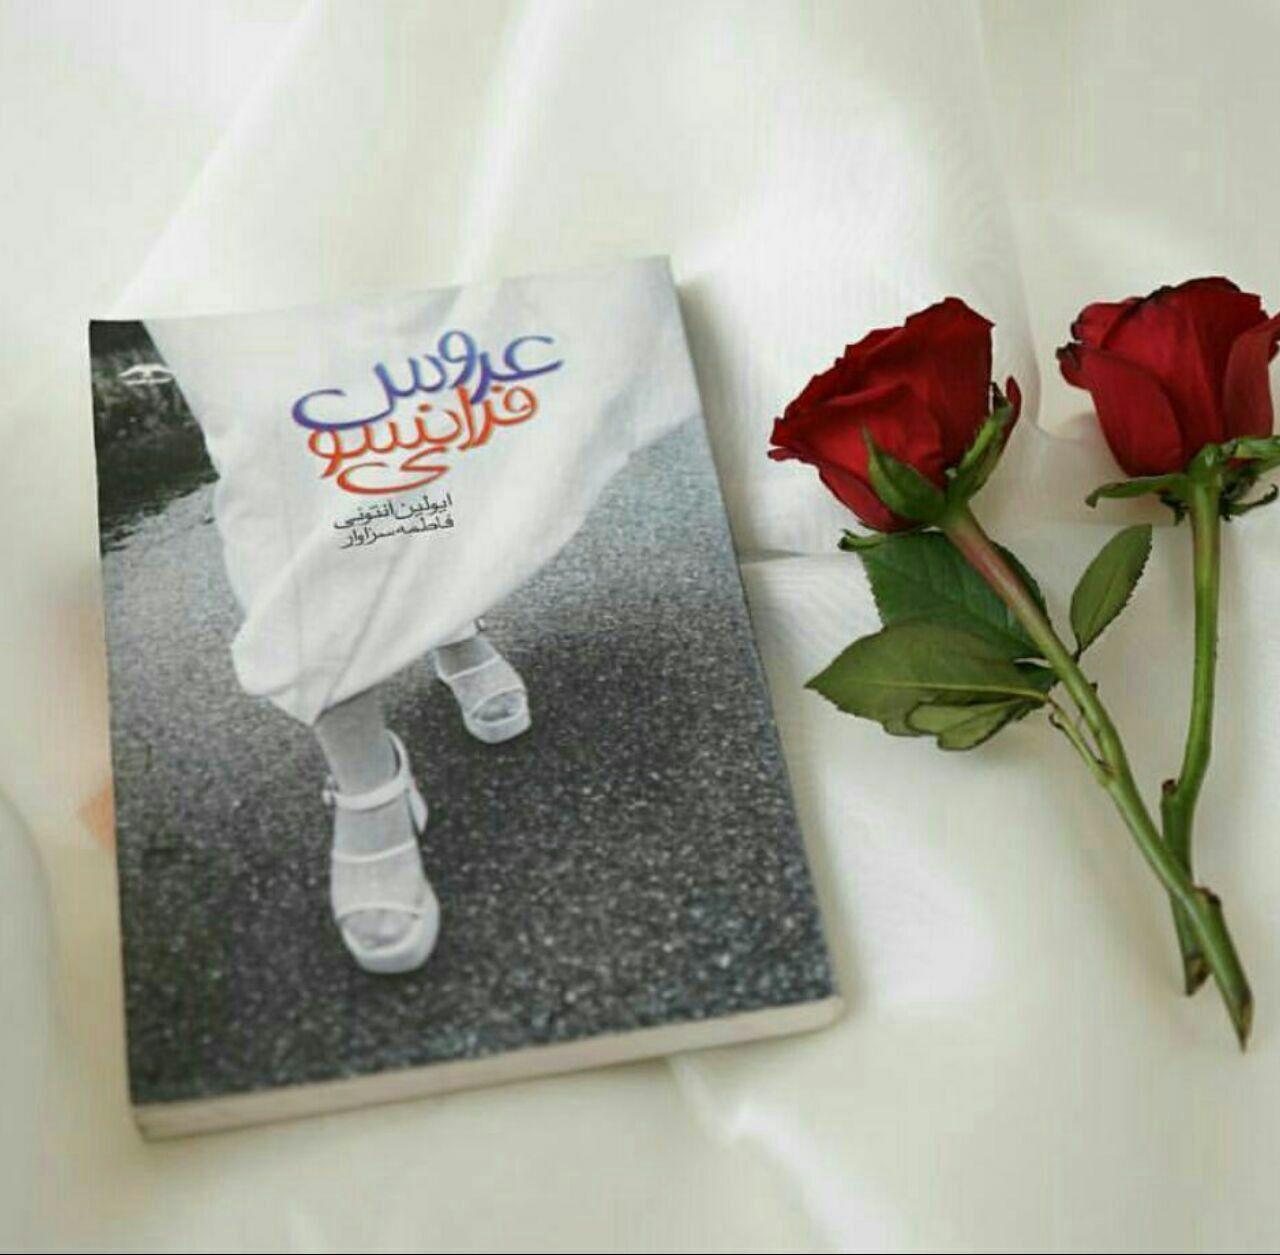 رمان عروس فرانسوی نوشته ایولین آنتونی یک داستان عاشقانه ی تاریخی در زمان لویی چهاردهم در فرانسه است کتاب عروس فرانسوی اثر ایولین آنتونی Books